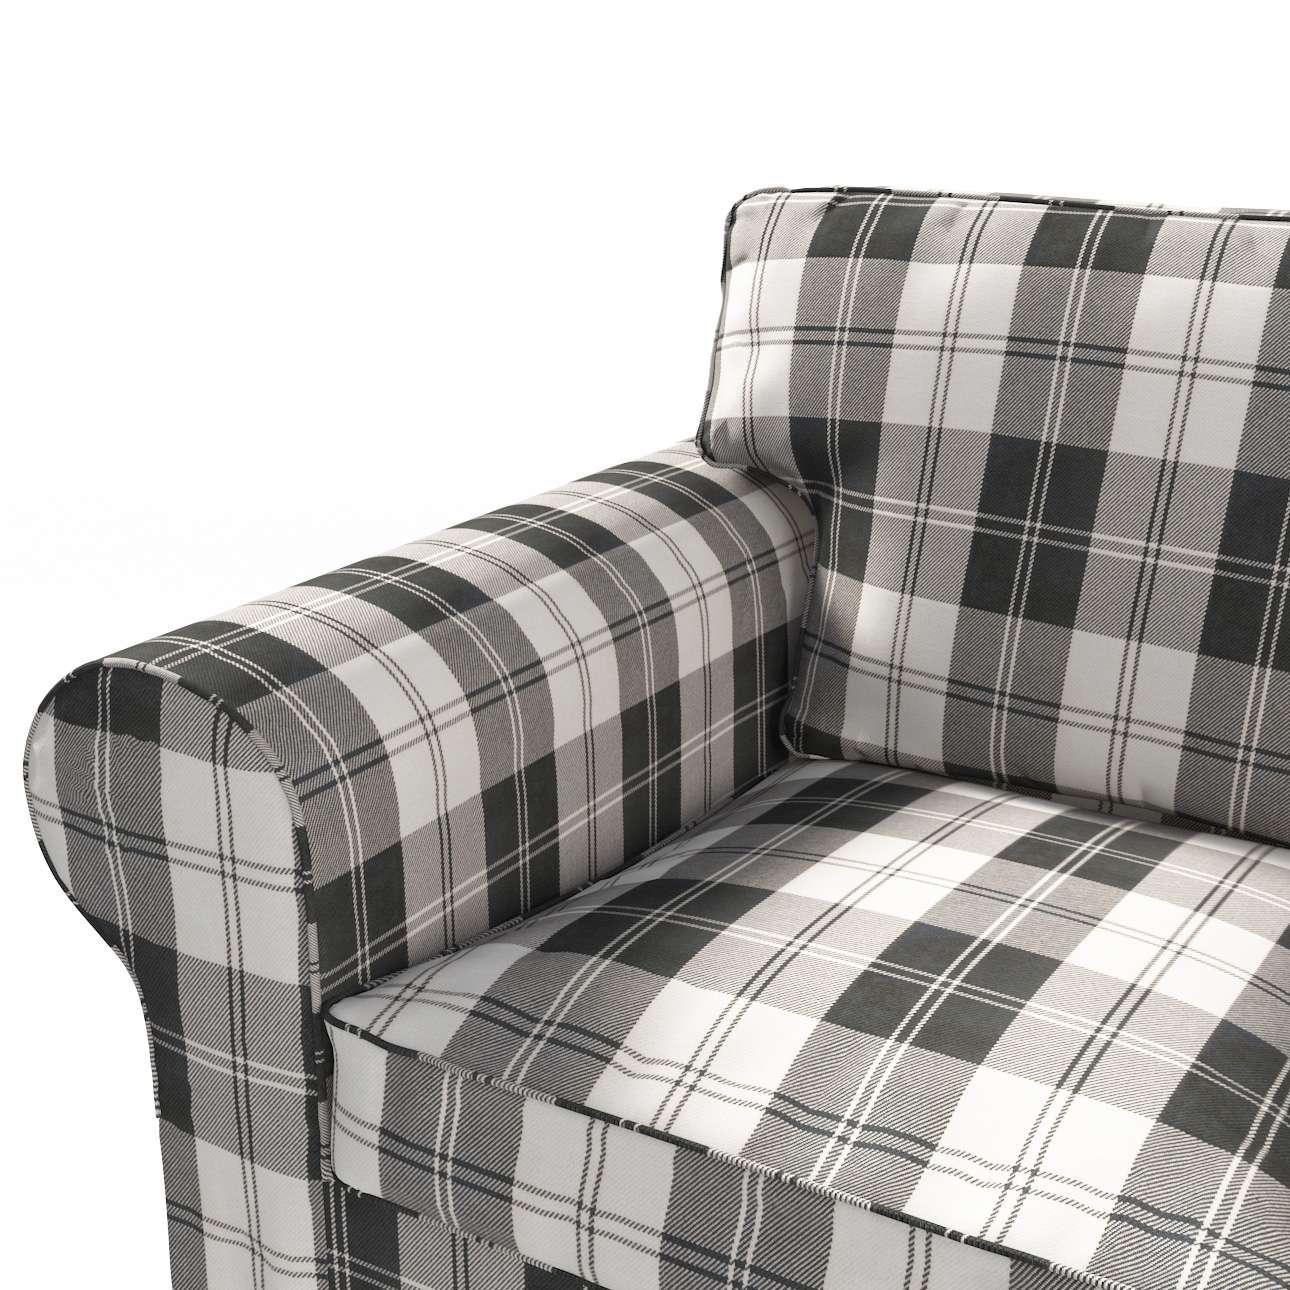 Pokrowiec na sofę Ektorp 3-osobową, rozkładaną, PIXBO w kolekcji Edinburgh, tkanina: 115-74